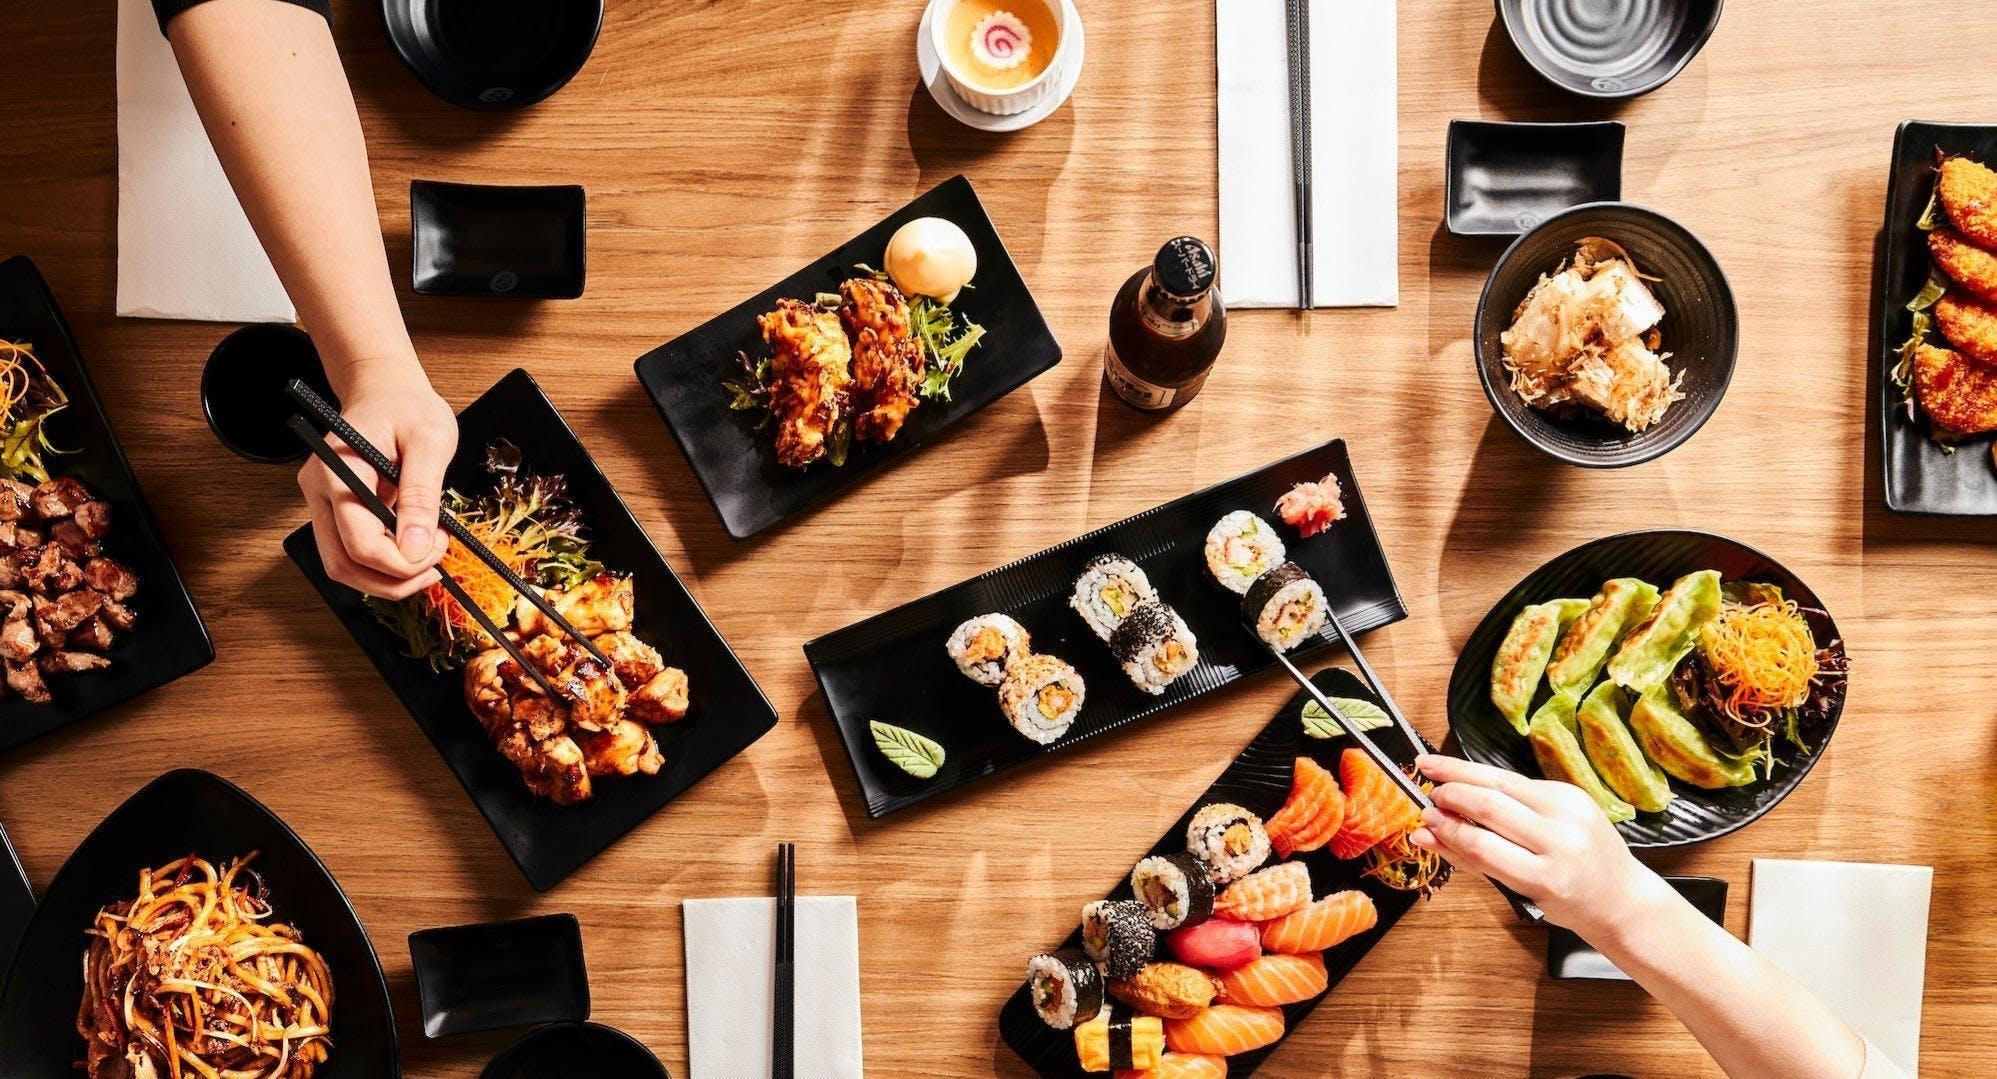 Photo of restaurant Okami - Frankston in Frankston, Melbourne